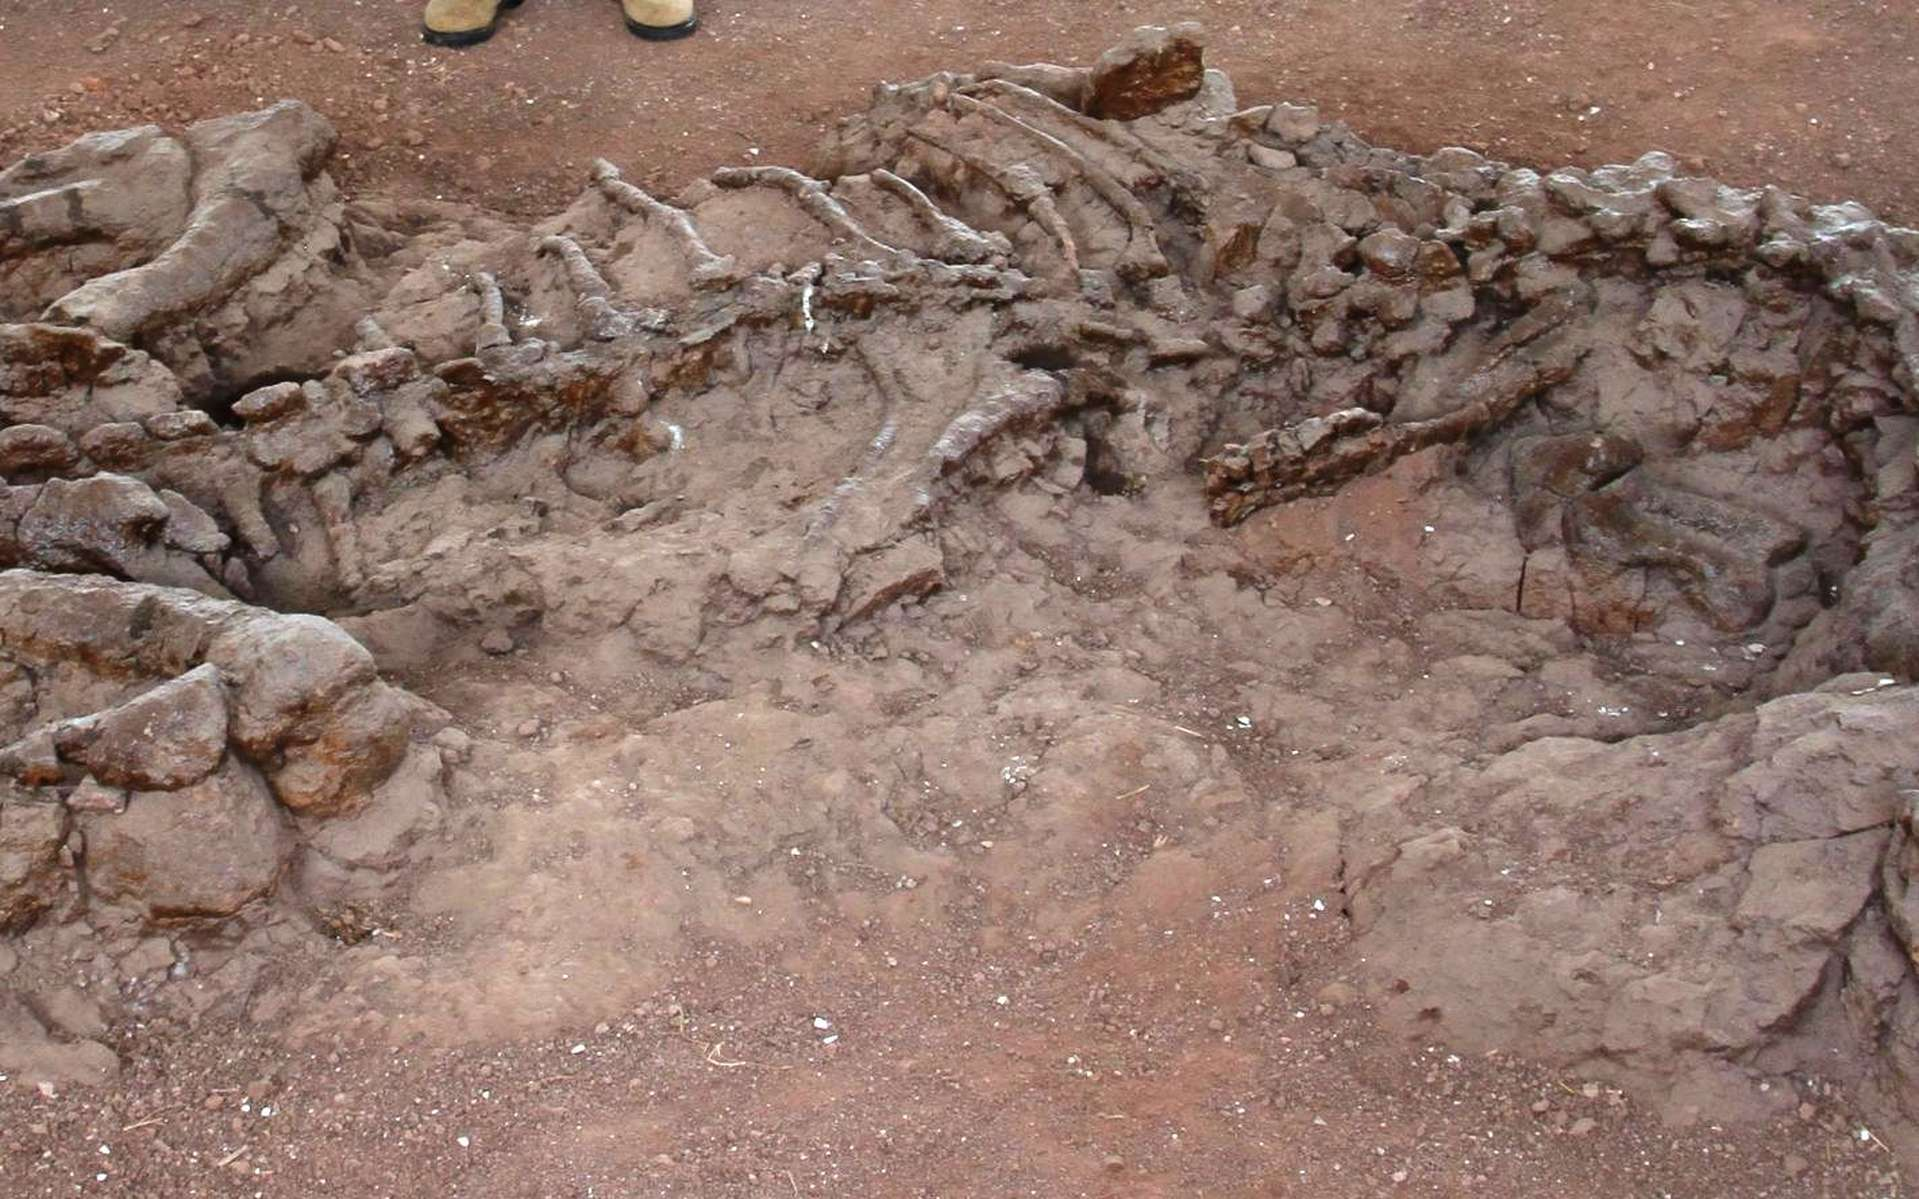 Les restes fossilisés vieux de 195 millions d'années d'un Lufengosaurus découvert dans la province du Yunnan en Chine. © Robert Reisz